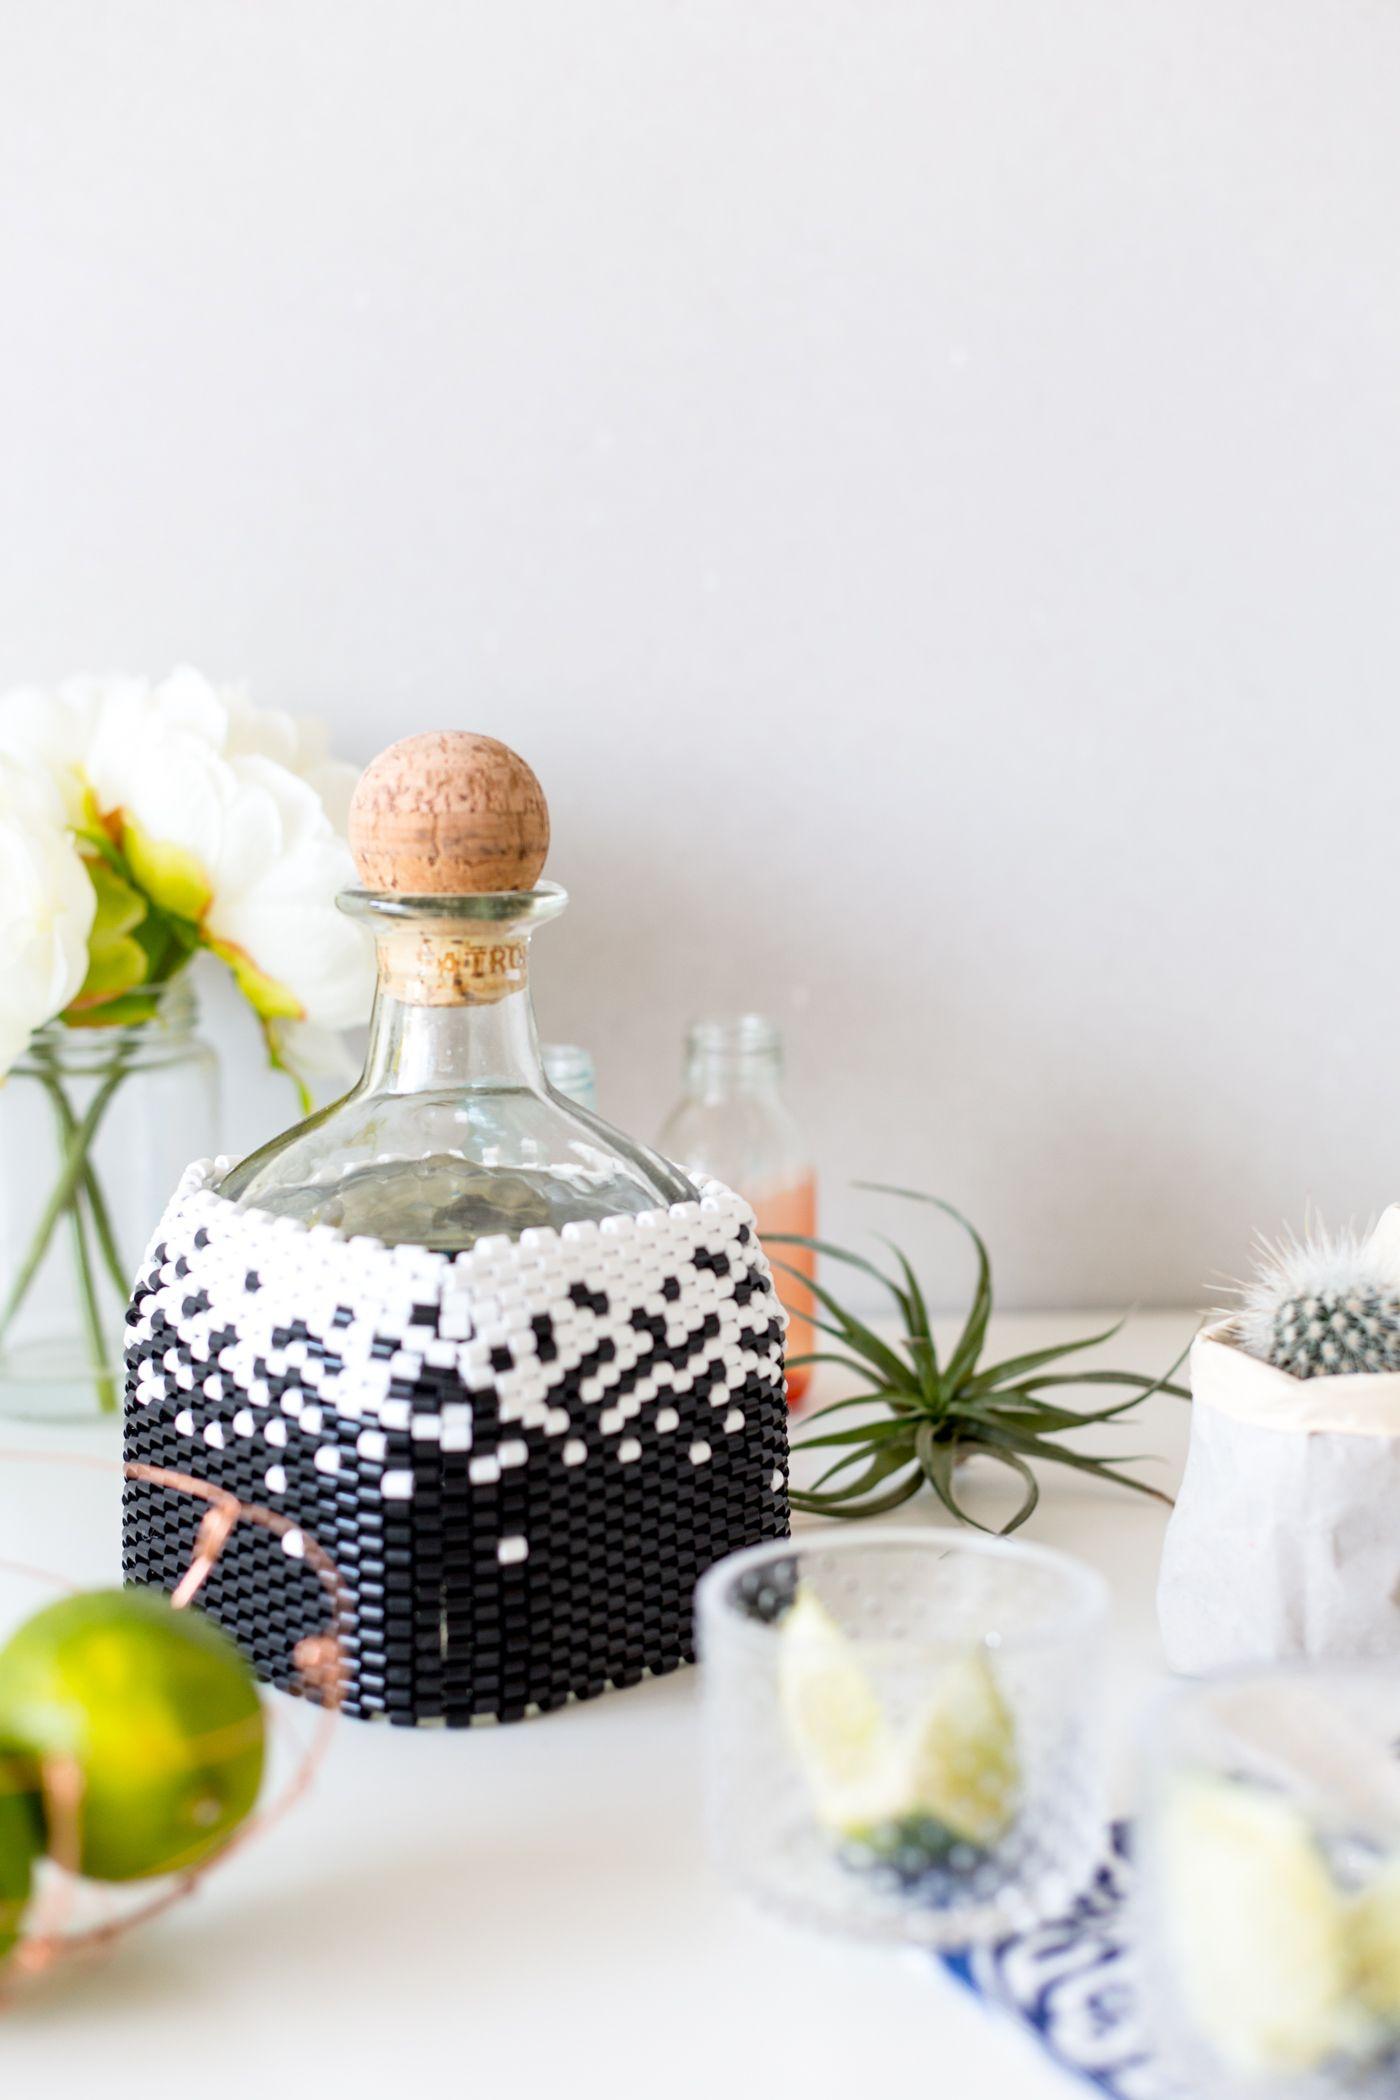 DIY Крышка для бутылки с вышивкой пейотом и бисером |  Падение для DIY